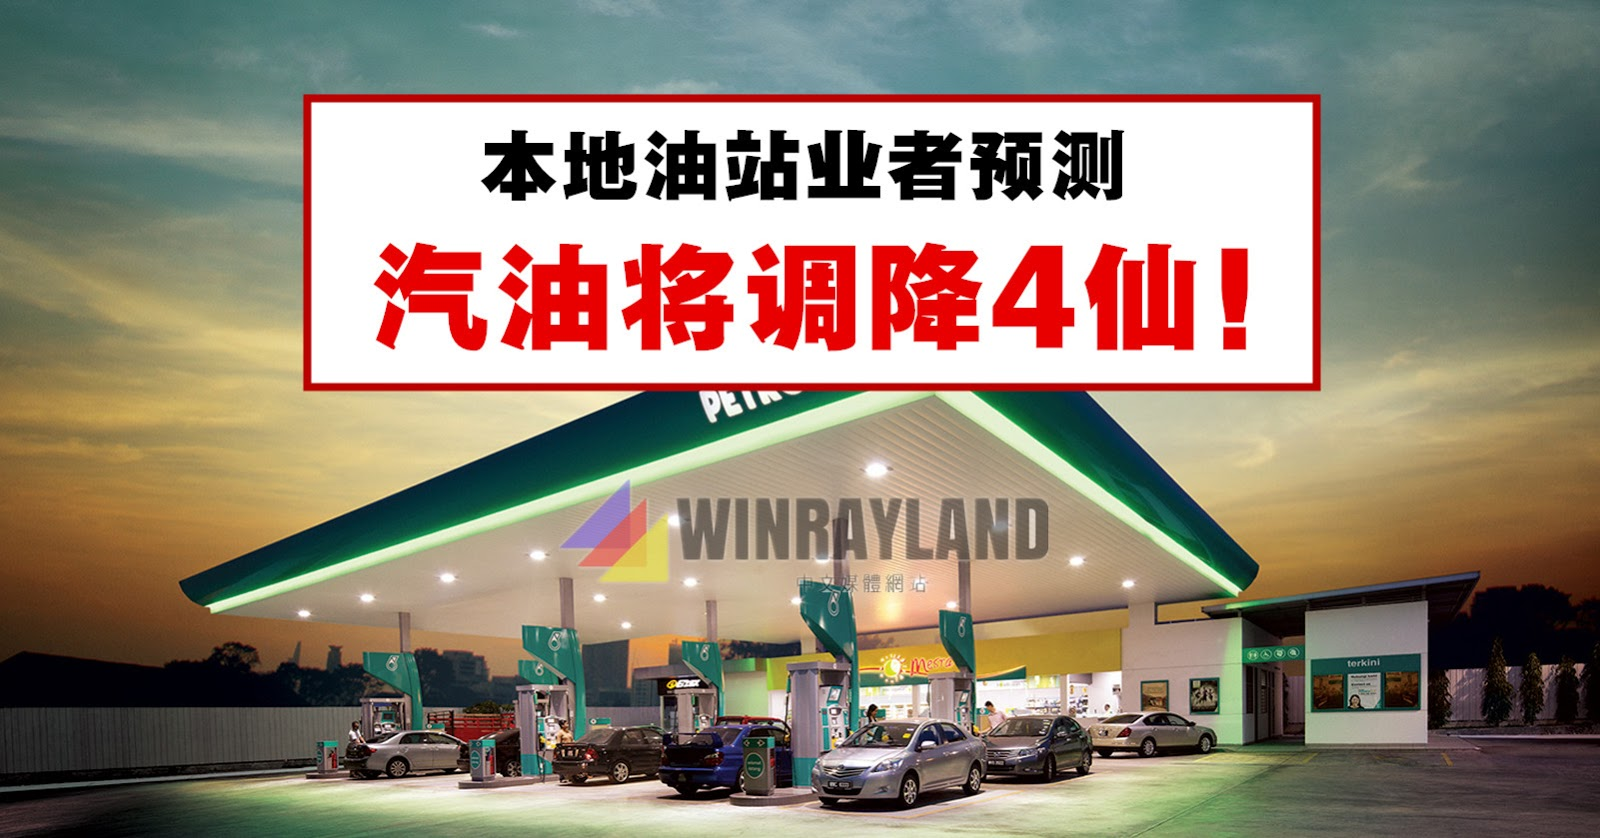 本地油站业者预测:汽油将调降4仙!